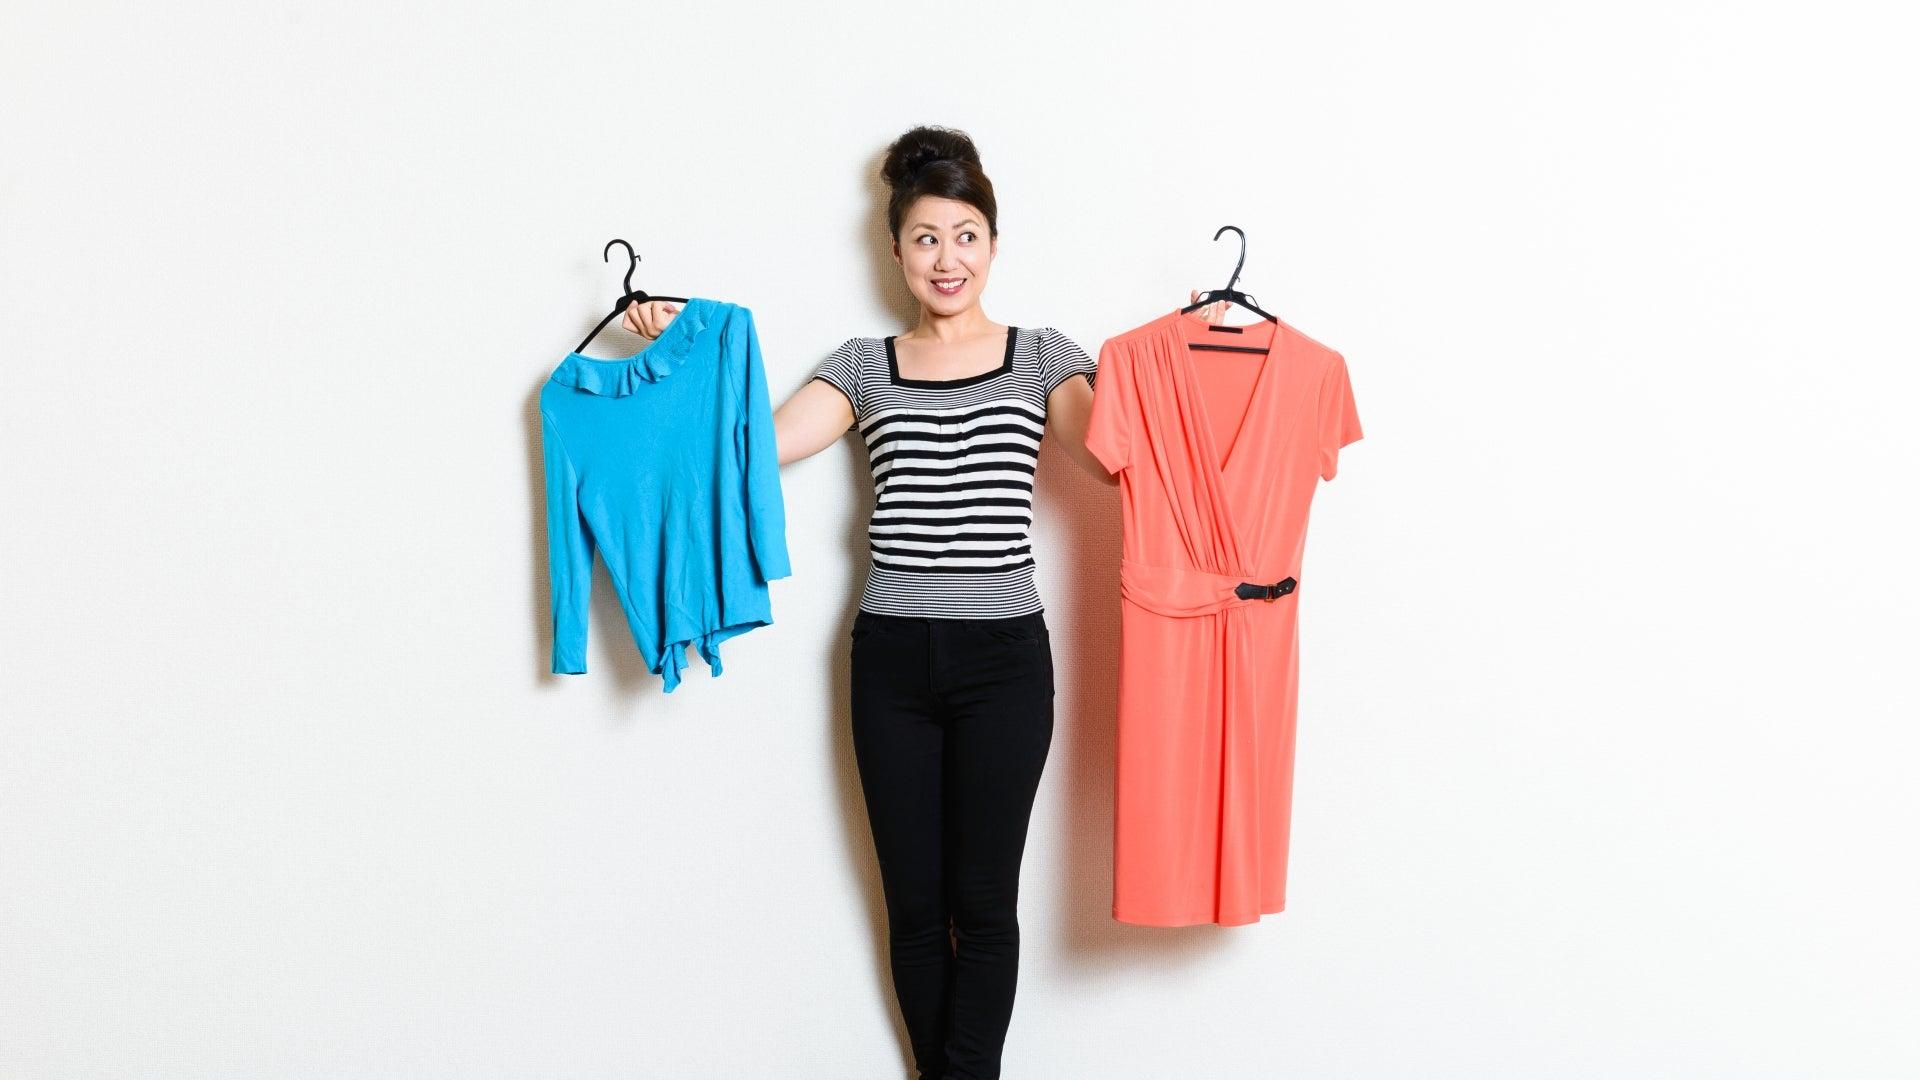 自分の好きな服とプロフィール用のコーデは異なる!